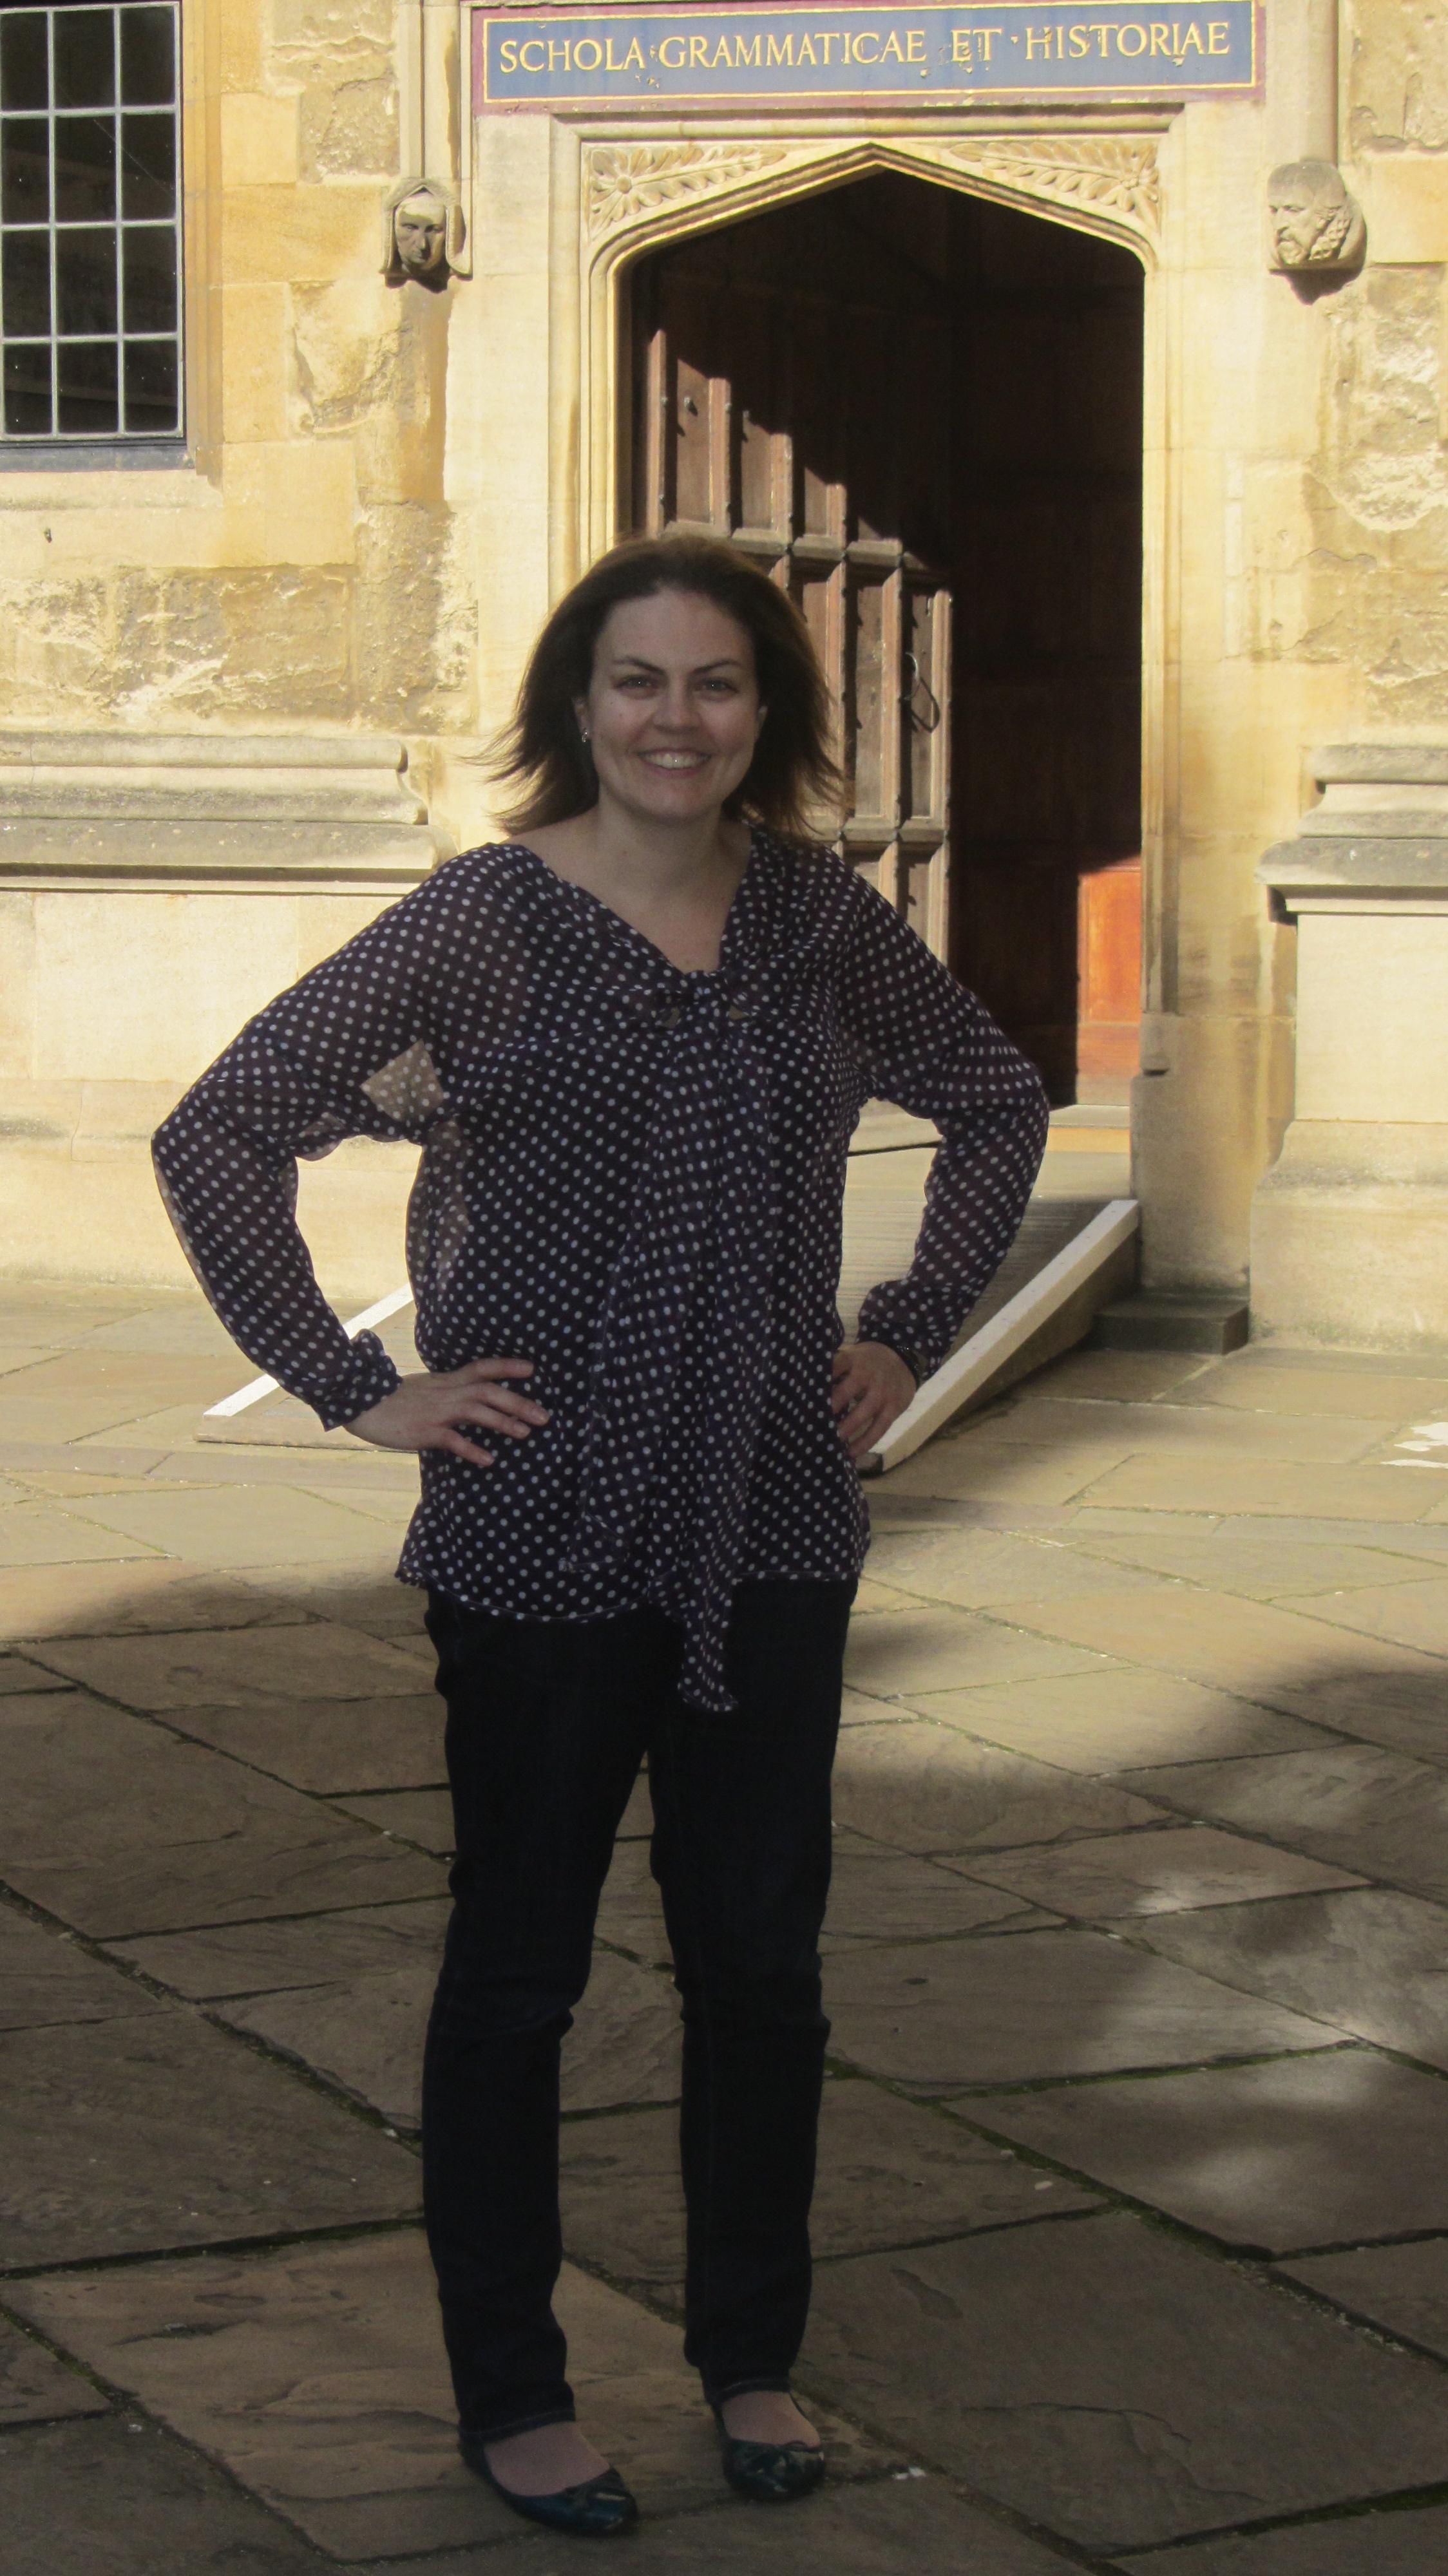 Spotty chiffon blouse